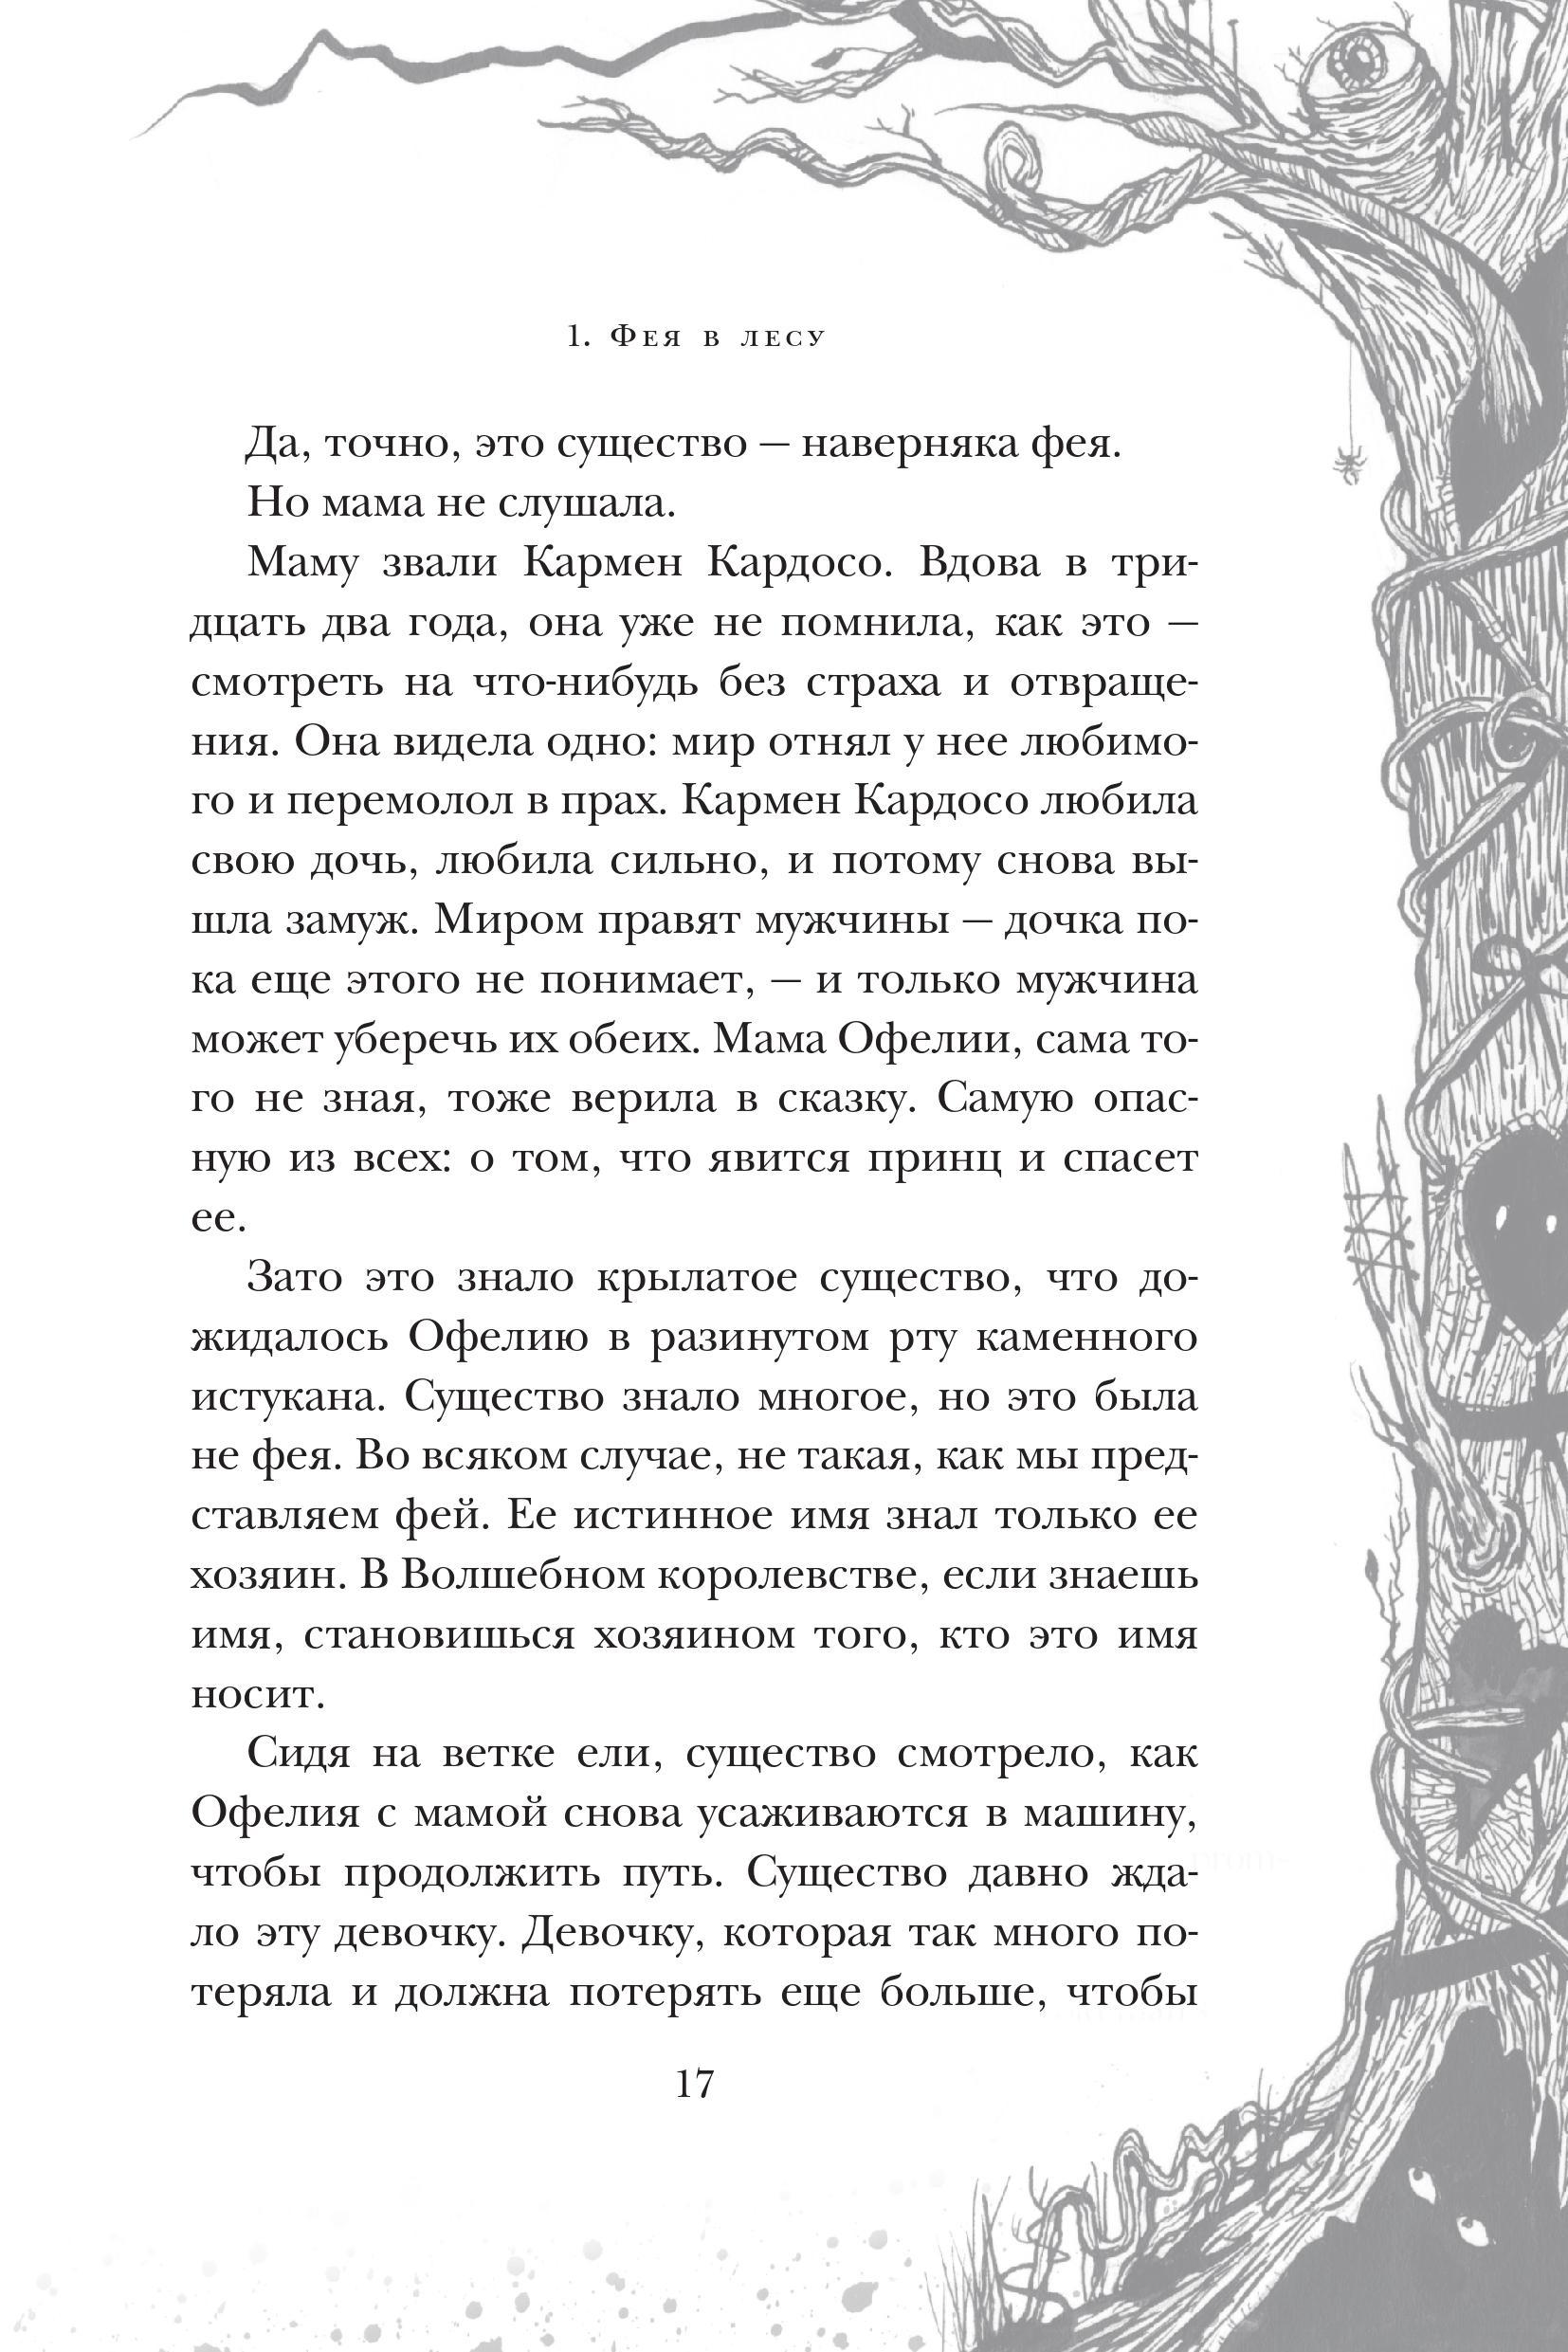 Мрачная сказка: отрывок из книги Гильермо Дель Торо и Корнелии Функе «Лабиринт Фавна» 9